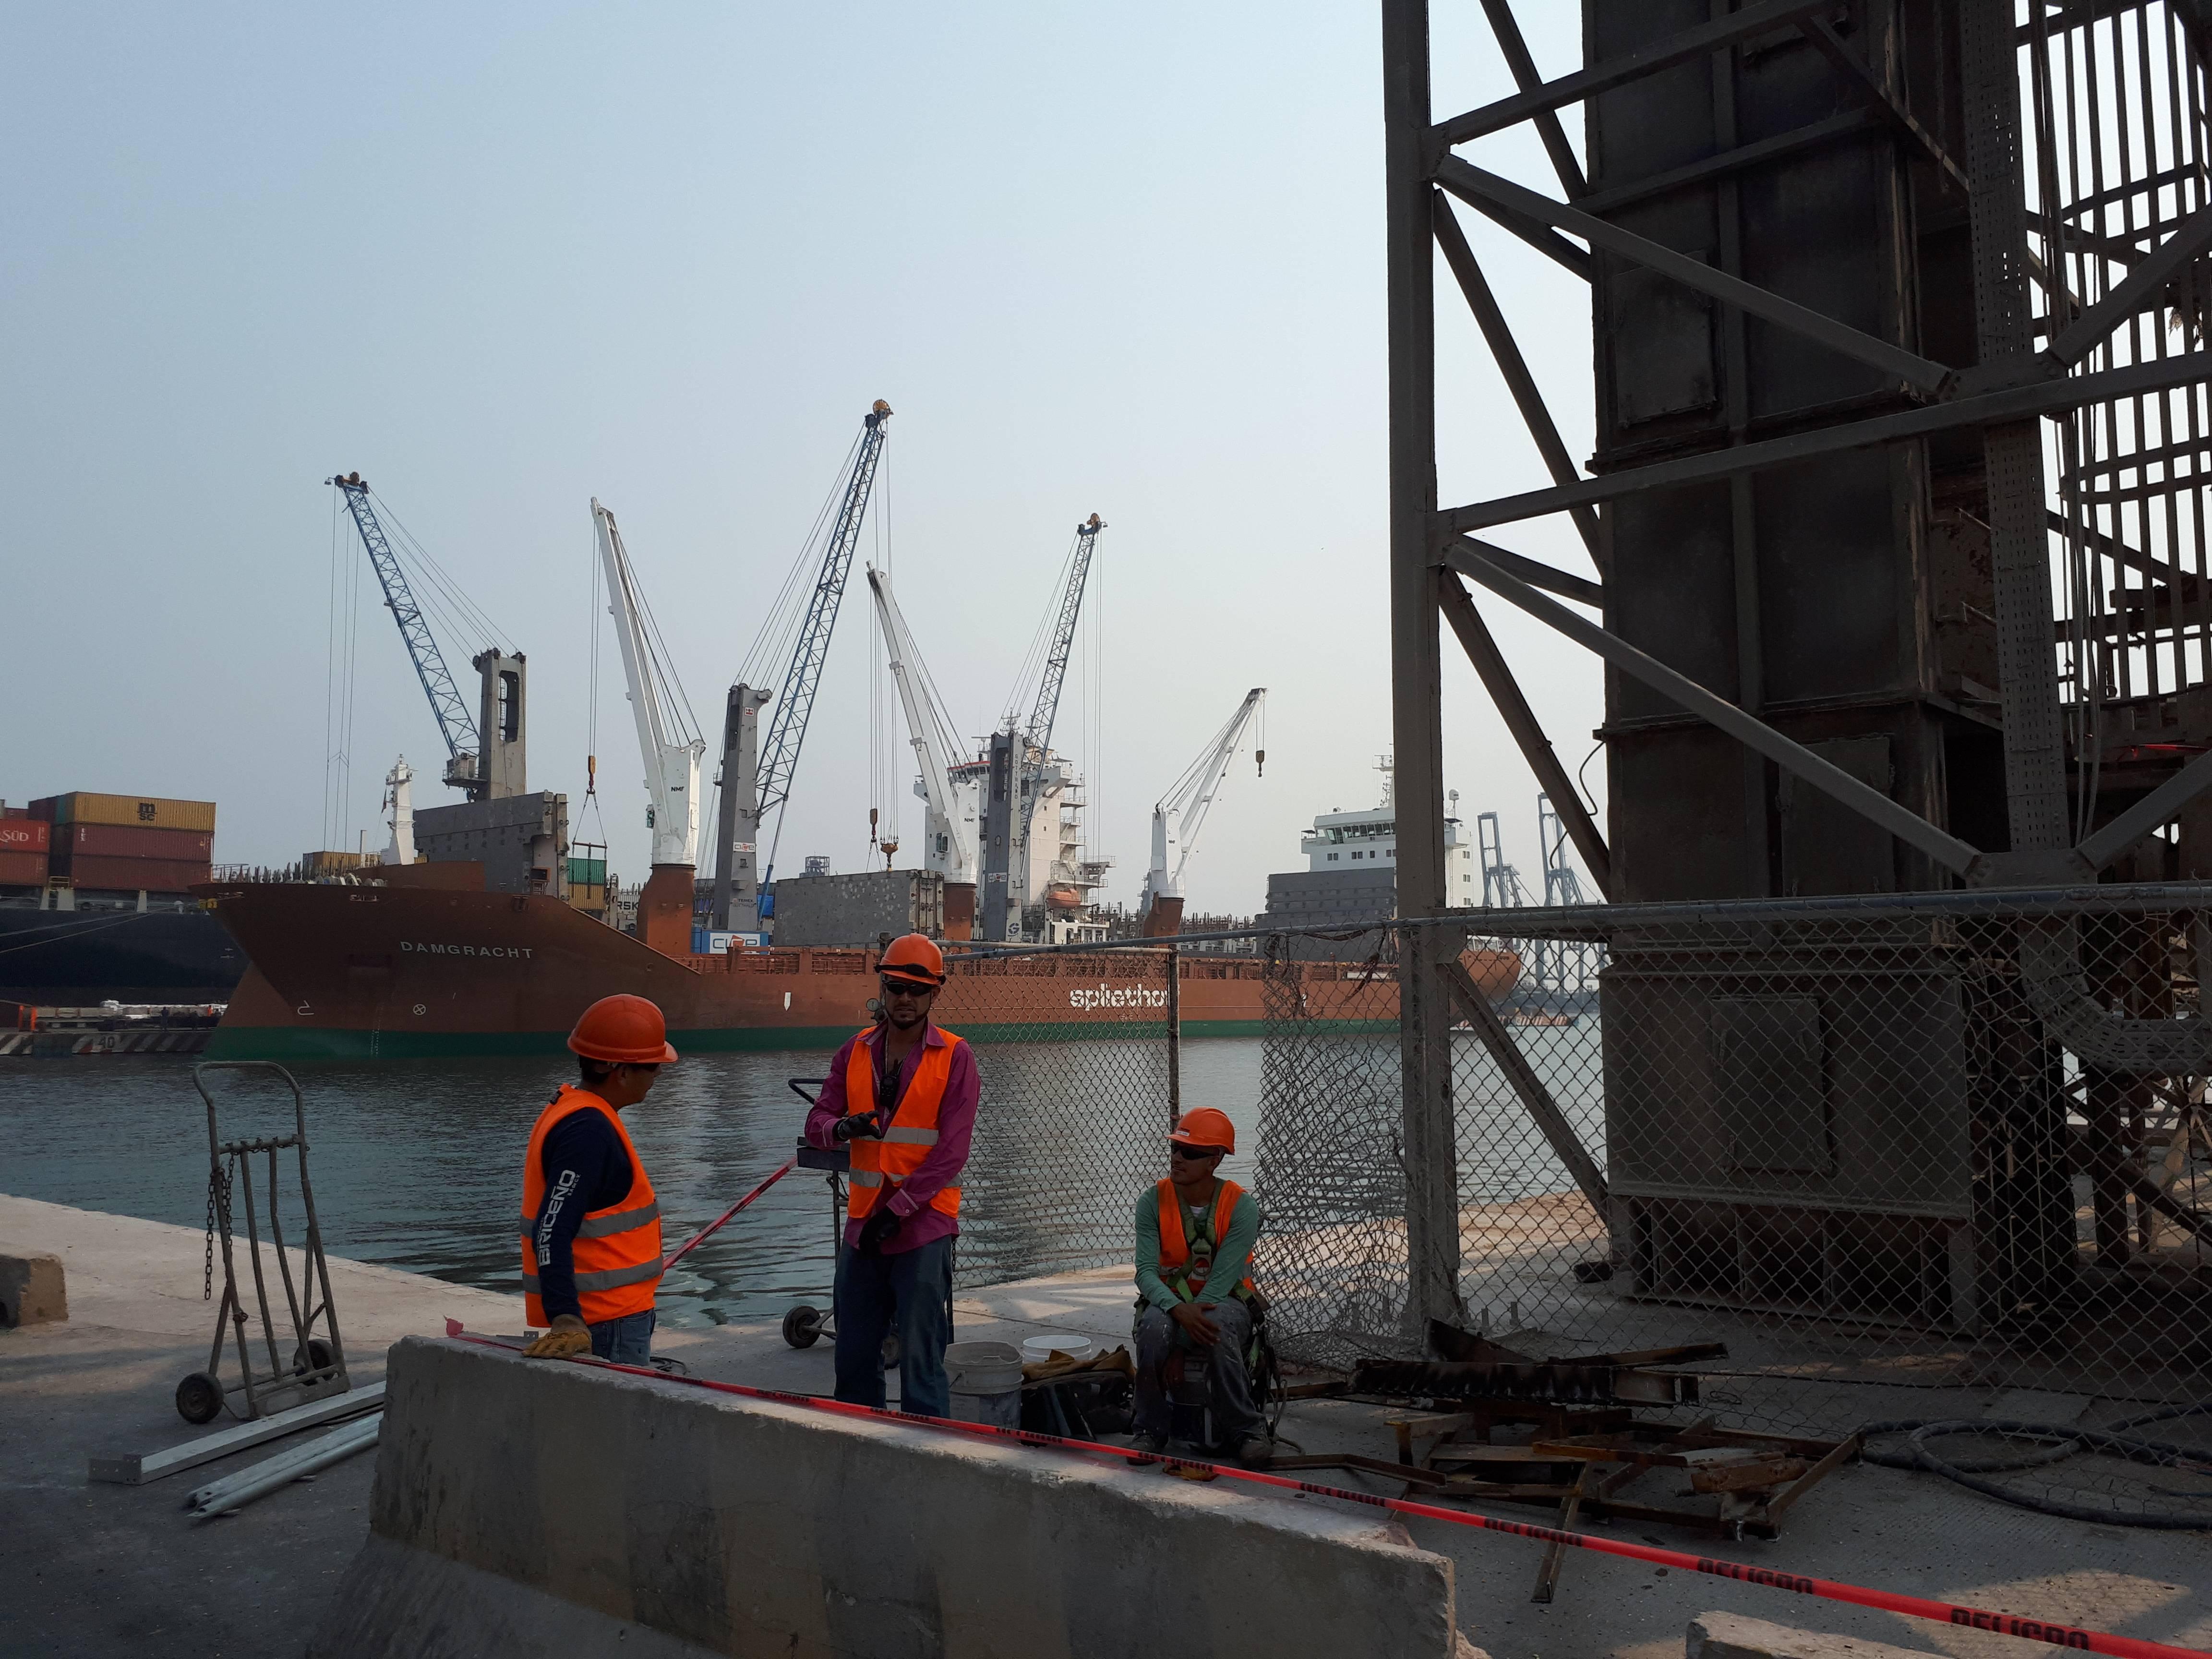 Na primeira etapa de expansão do porto, já foram investidos 1,7 bilhão de dólares